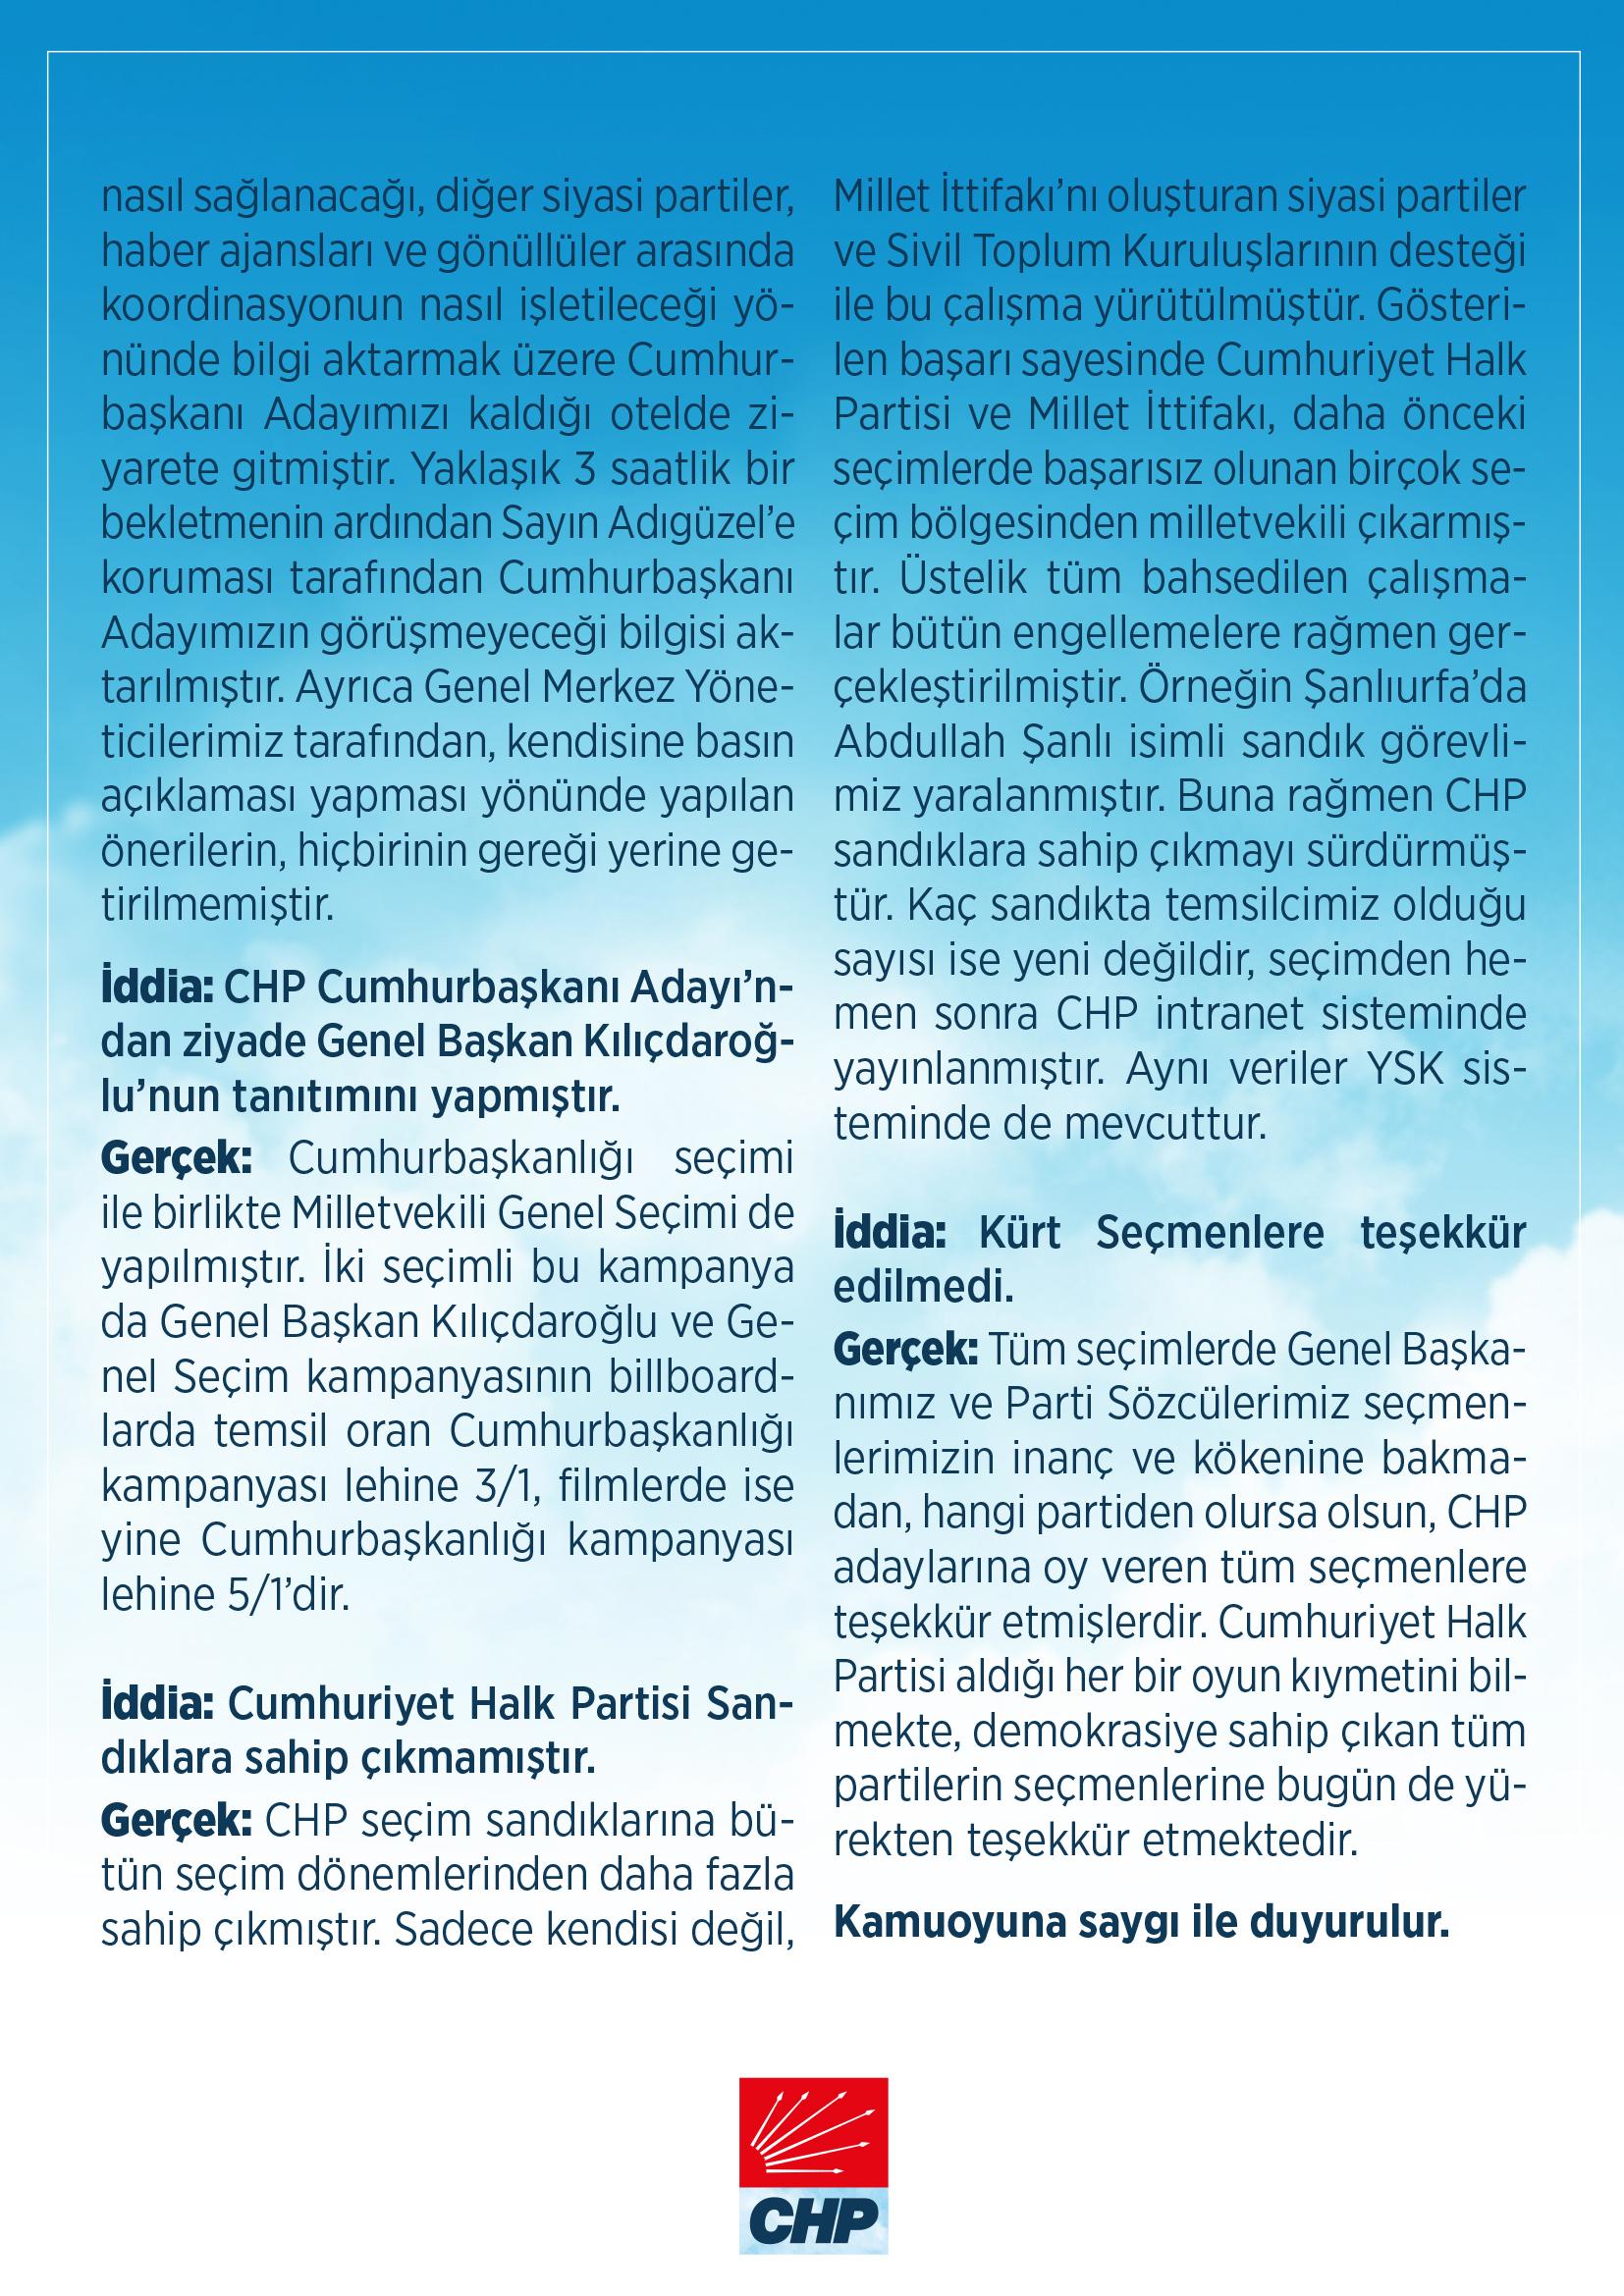 CHP den Muharrem İnce nin açıklamalarına yanıt geldi  #3